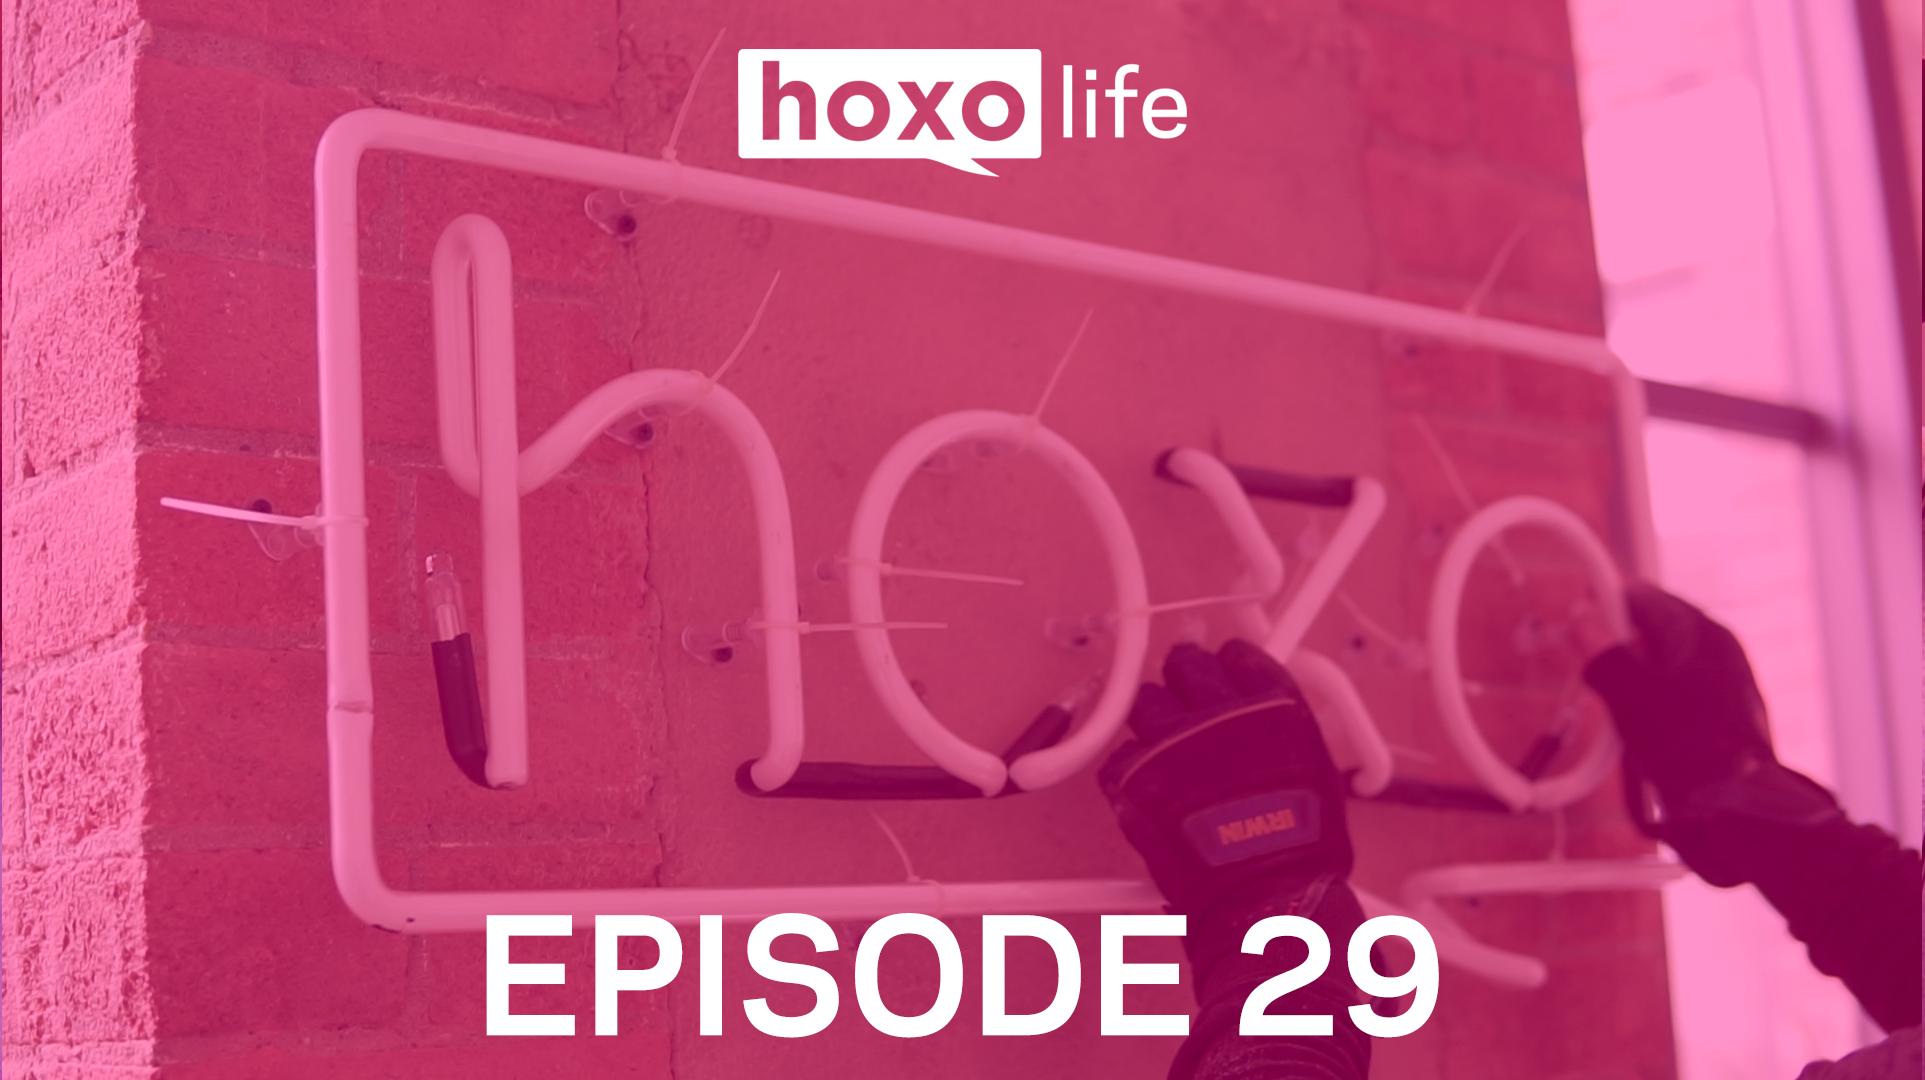 Hoxo Life 29 Main